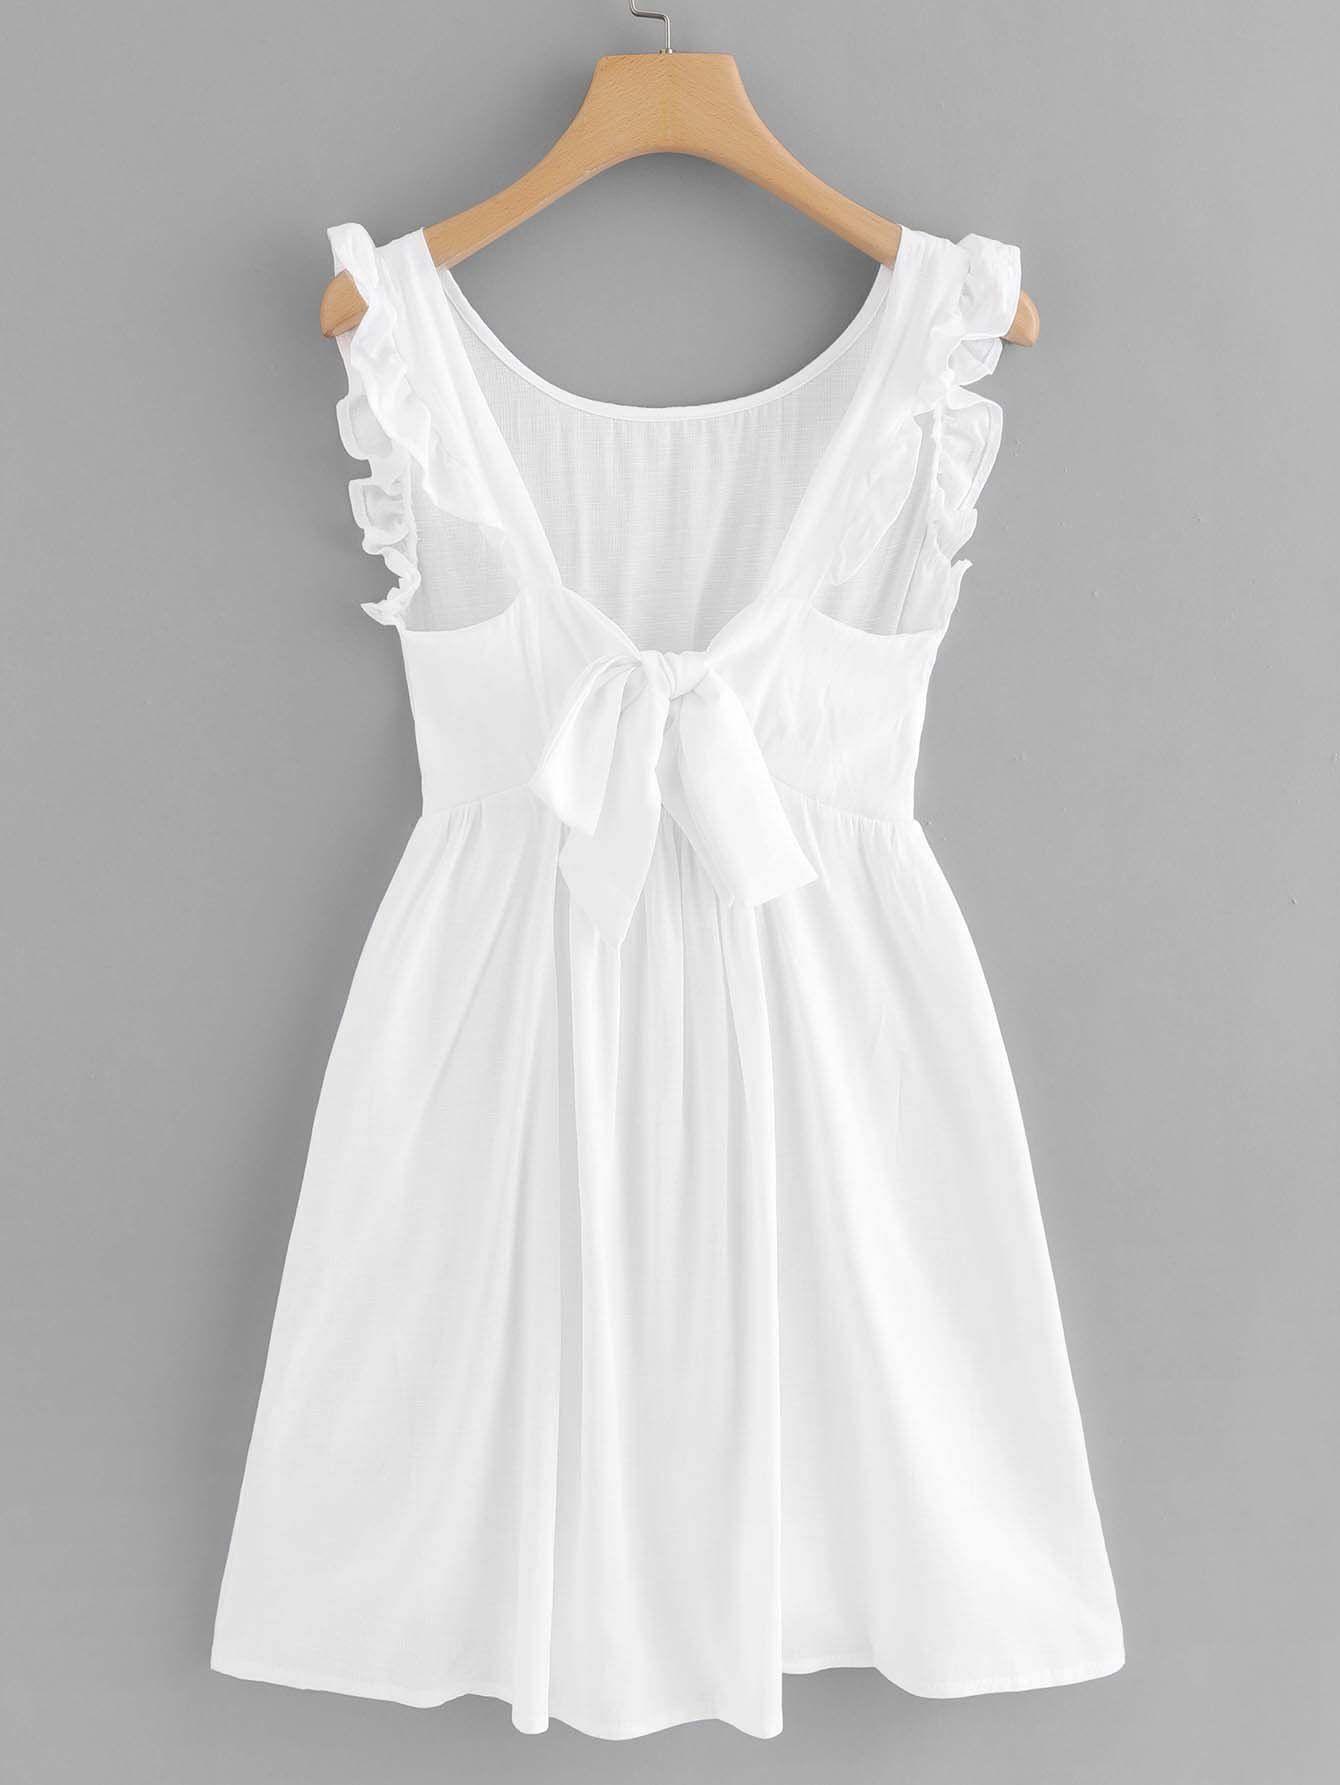 13 Ausgezeichnet Jugend Abendkleider BoutiqueFormal Genial Jugend Abendkleider Spezialgebiet